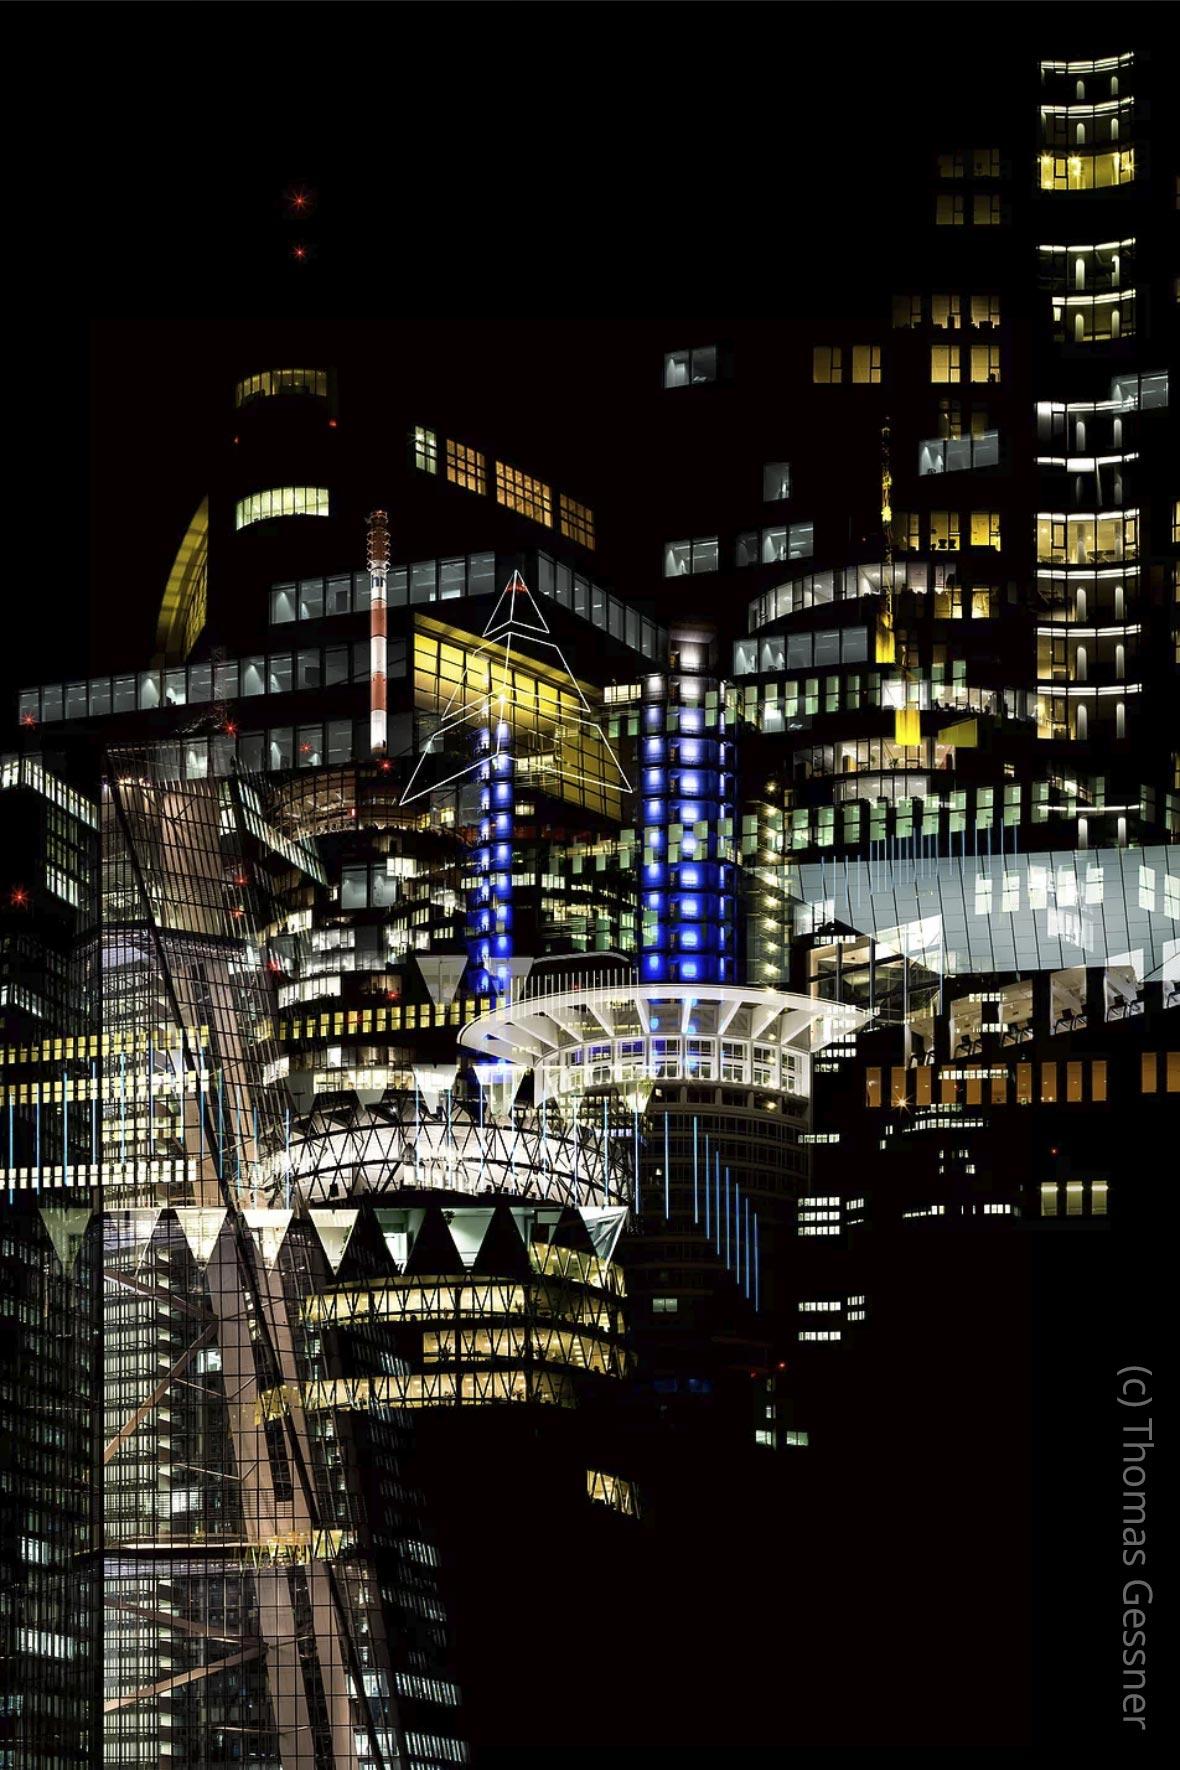 NEO NOIR - Hochhäuser in Frankfurt - Lichtkunst Frankfurt - Frankfurter Skyline bei Nacht - (c) Thomas Gessner